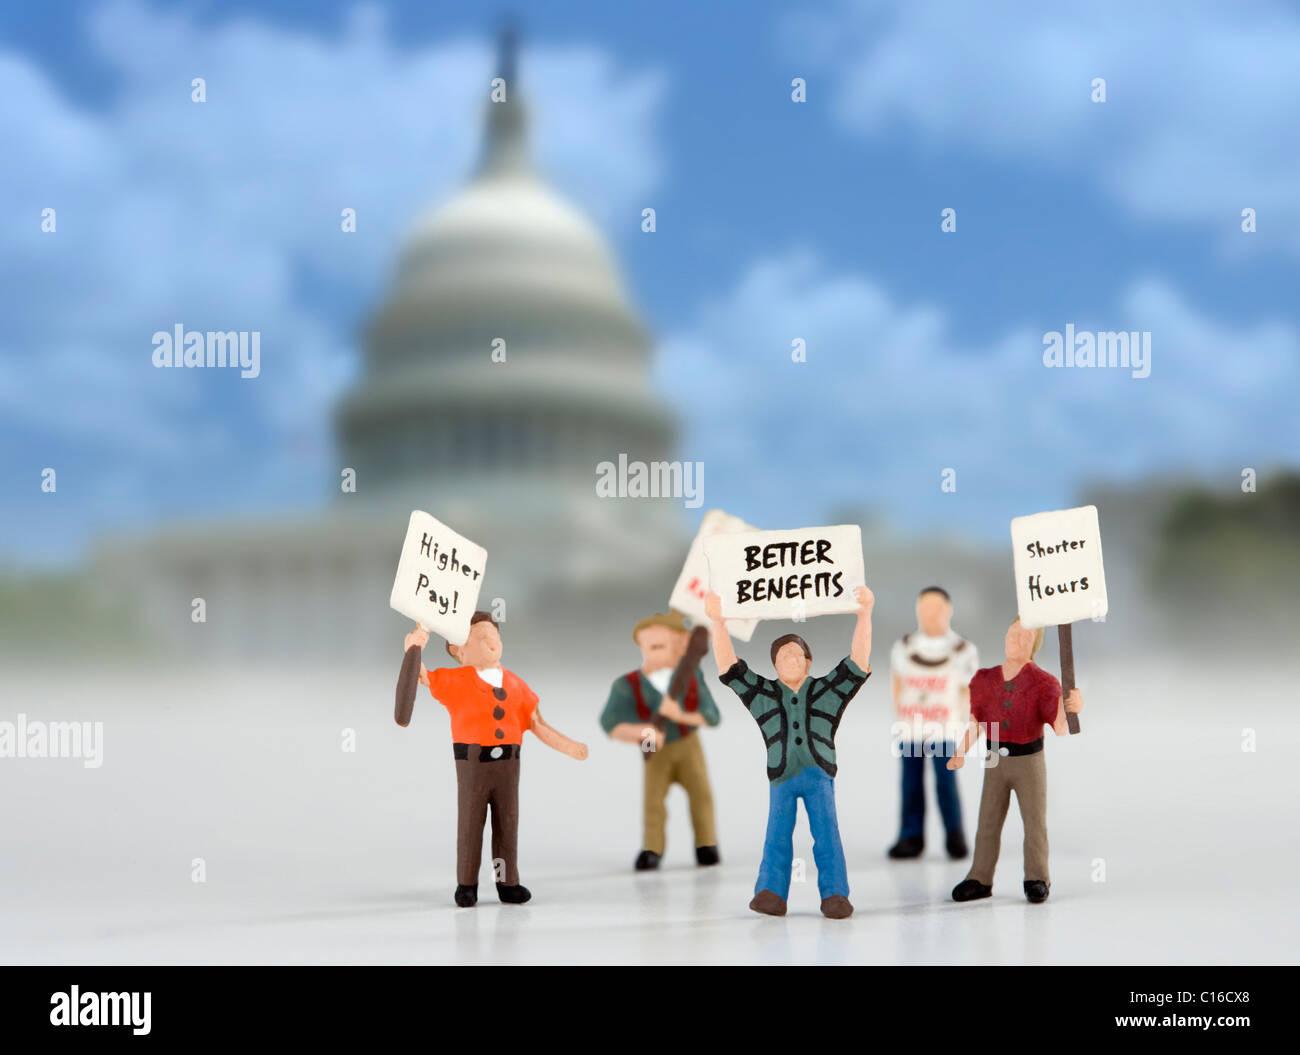 Demonstranten auf das Capital Building-Konzept-Bild. Modell Figuren Demonstranten in Washington. Stockbild